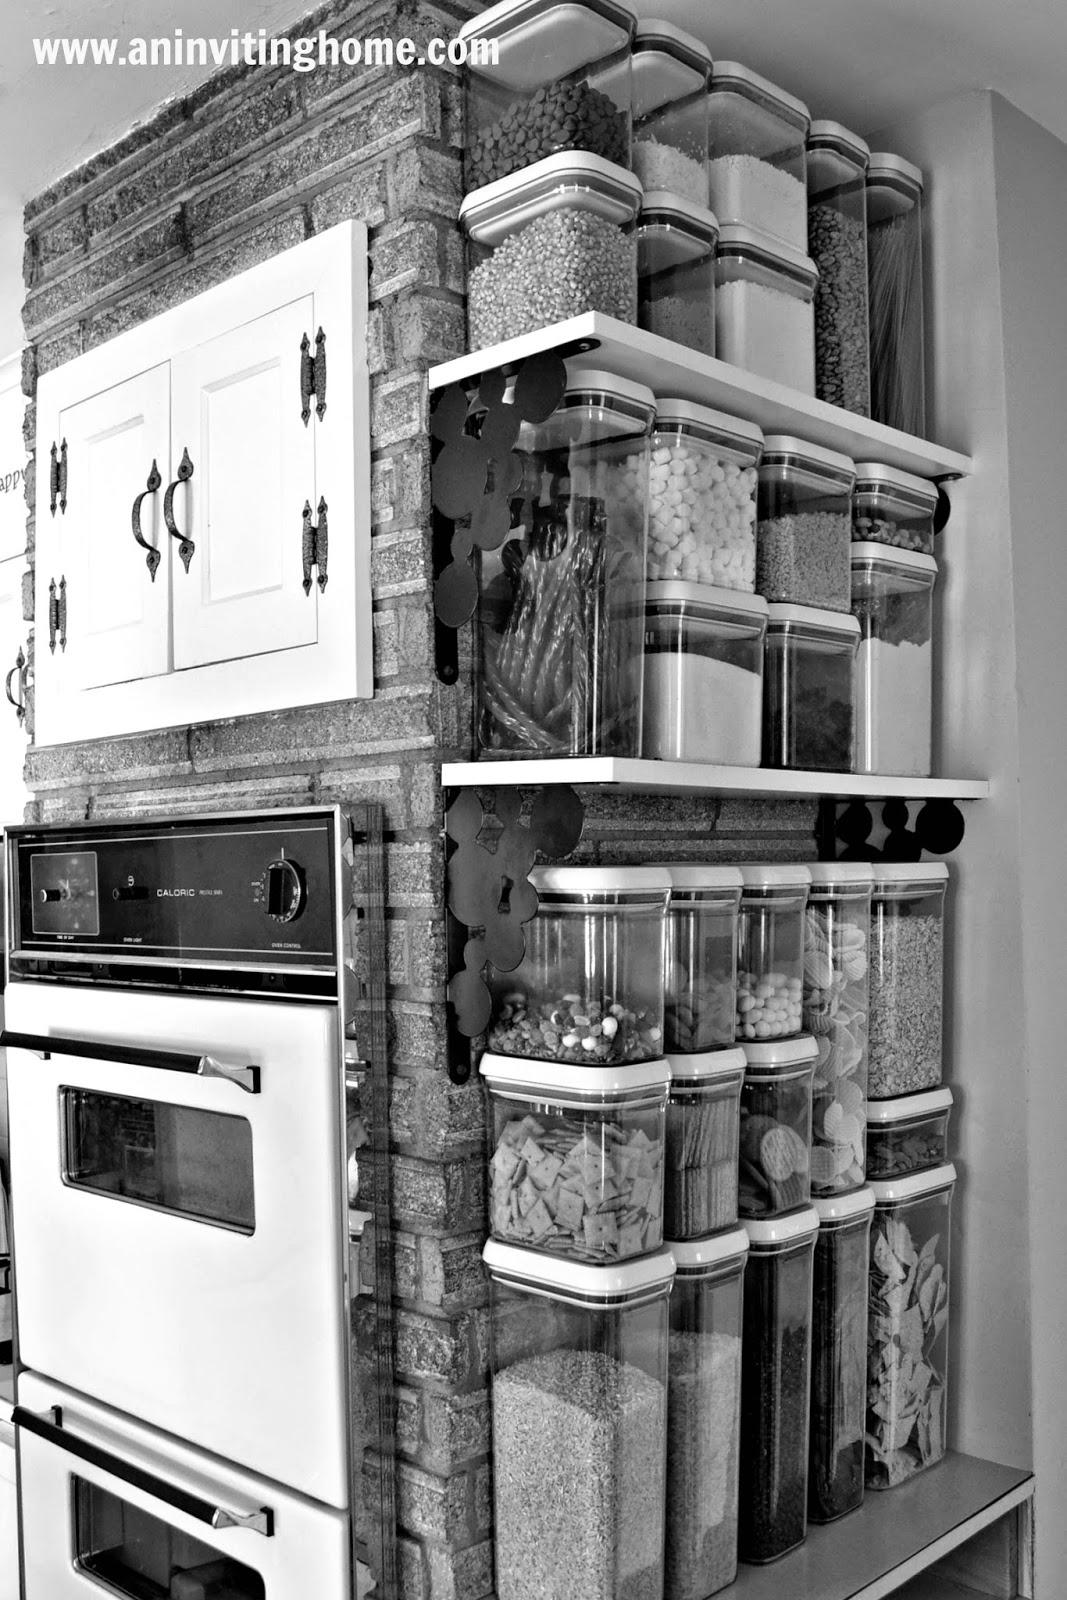 food storage in the kitchen